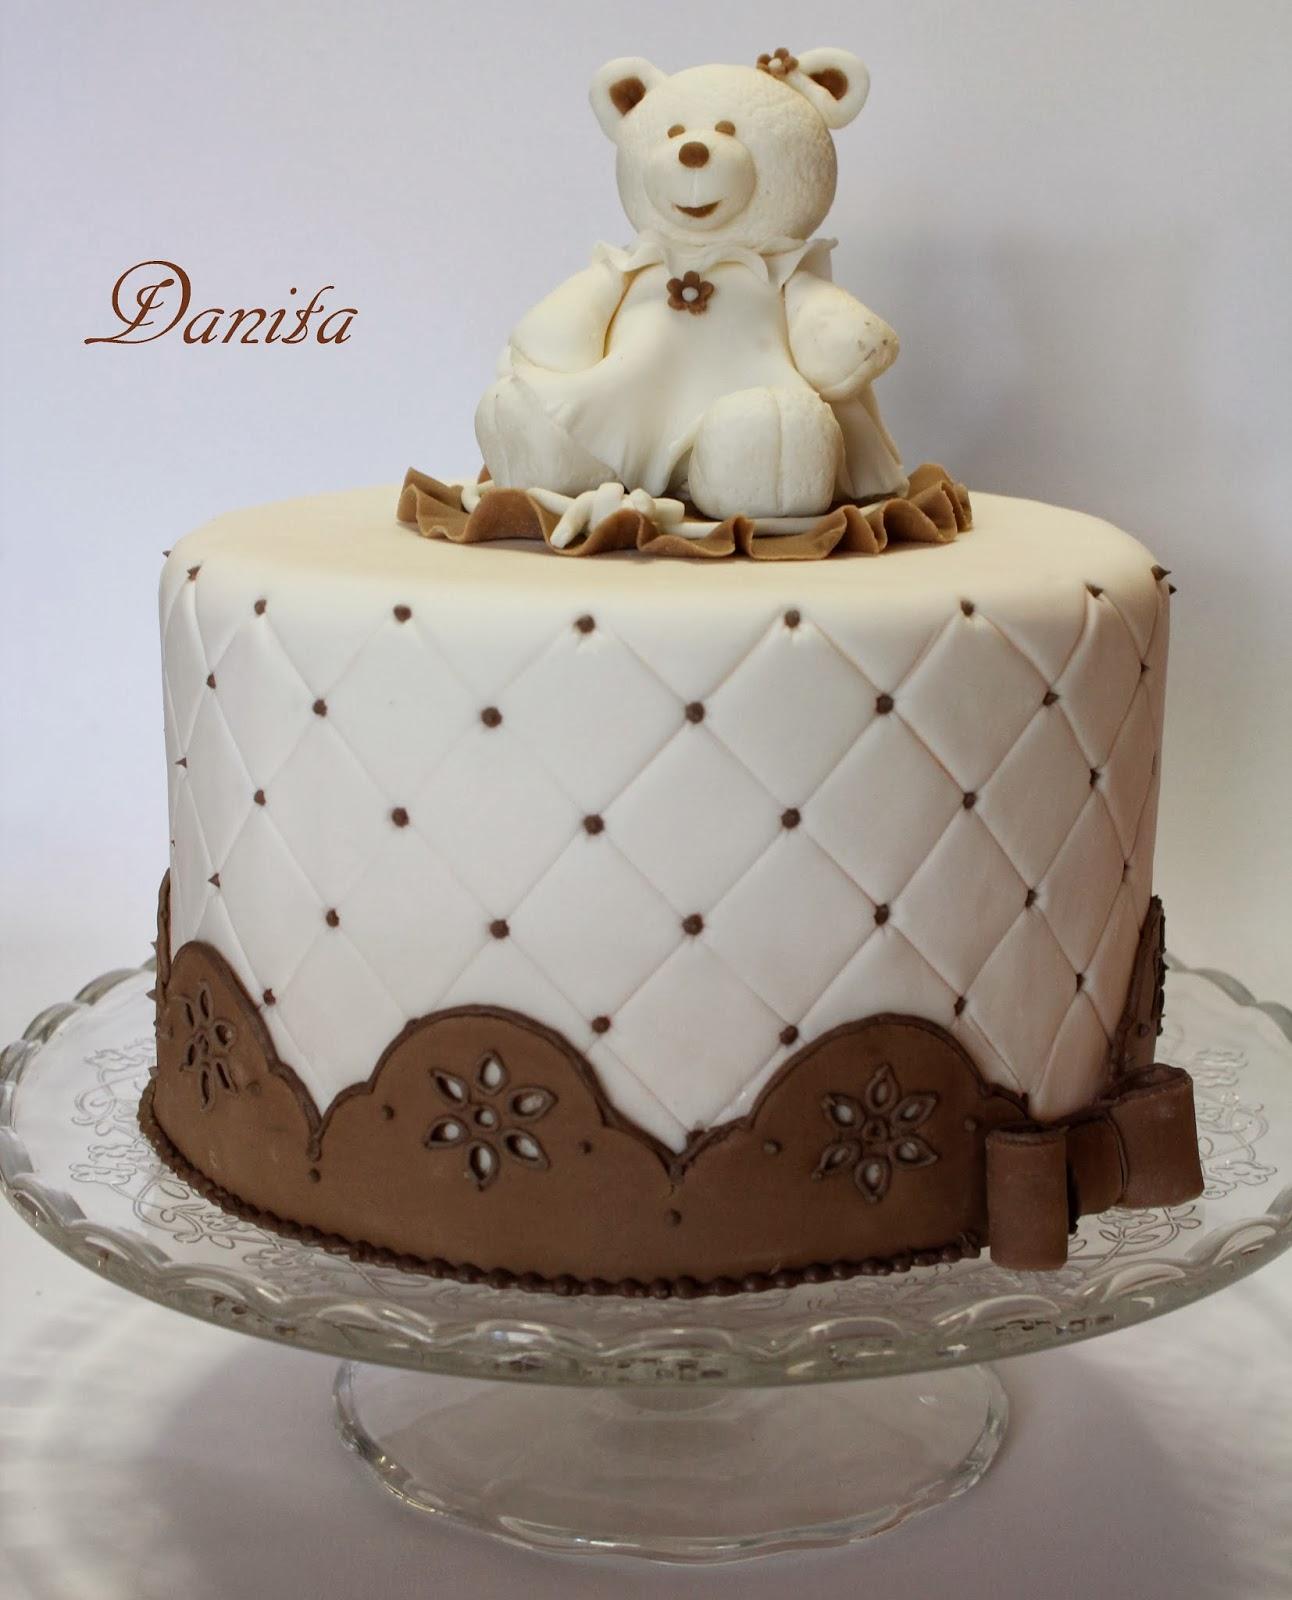 Ricette Segrete Cake Design : Le leccornie di Danita: Corso di cake design: Torta orsetto